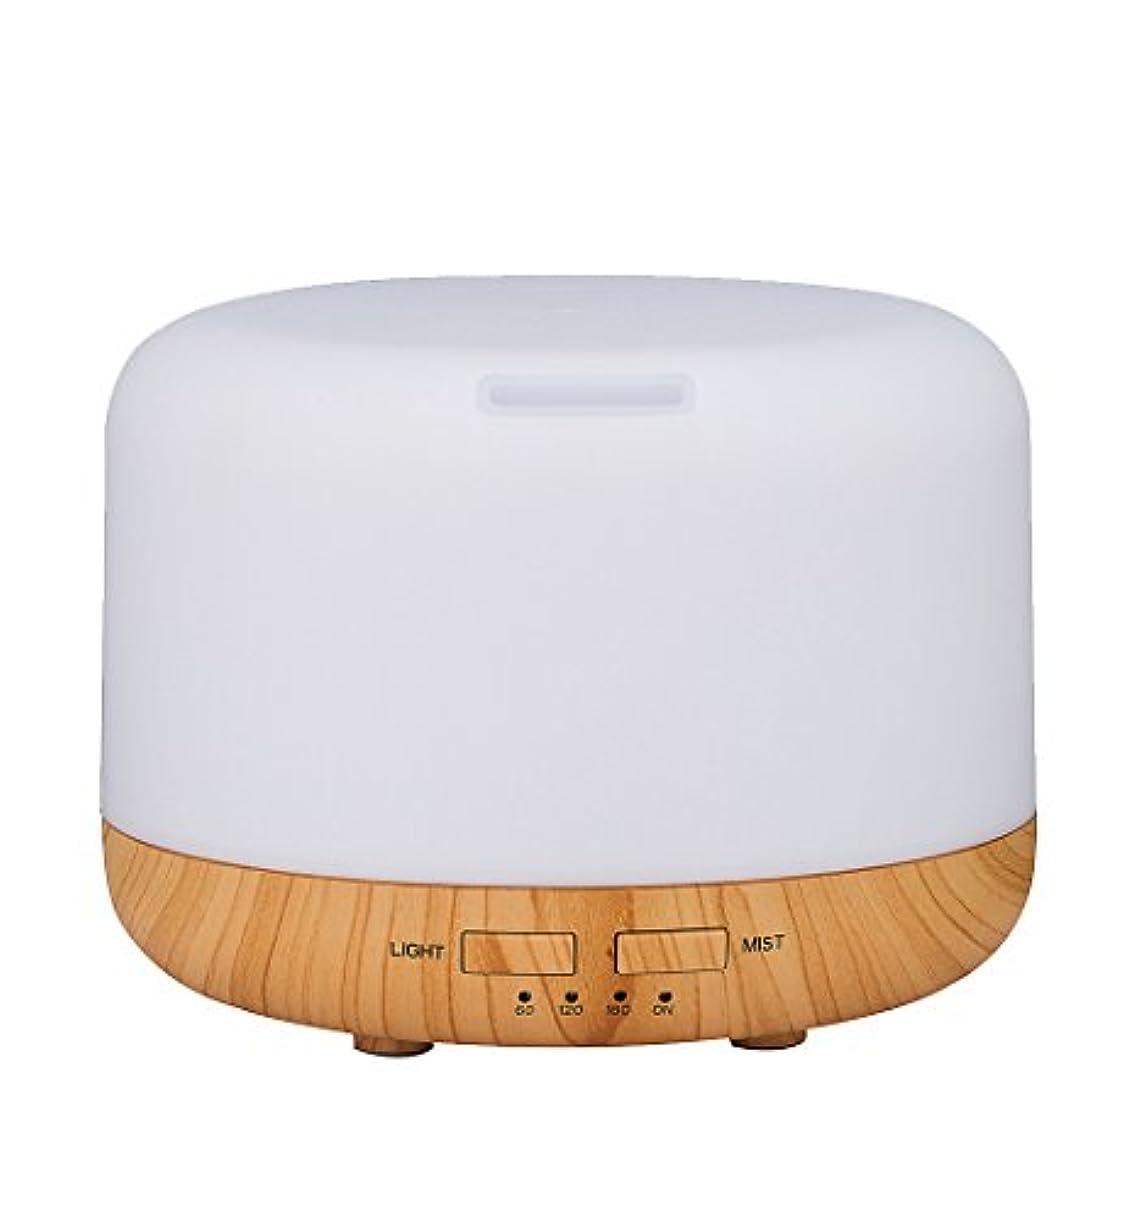 海嶺逆説厳しいSimple Life アロマディフューザー 超音波式 加湿器 400ml 7色変換LED搭載 木目調 アロマライト (ホワイト)